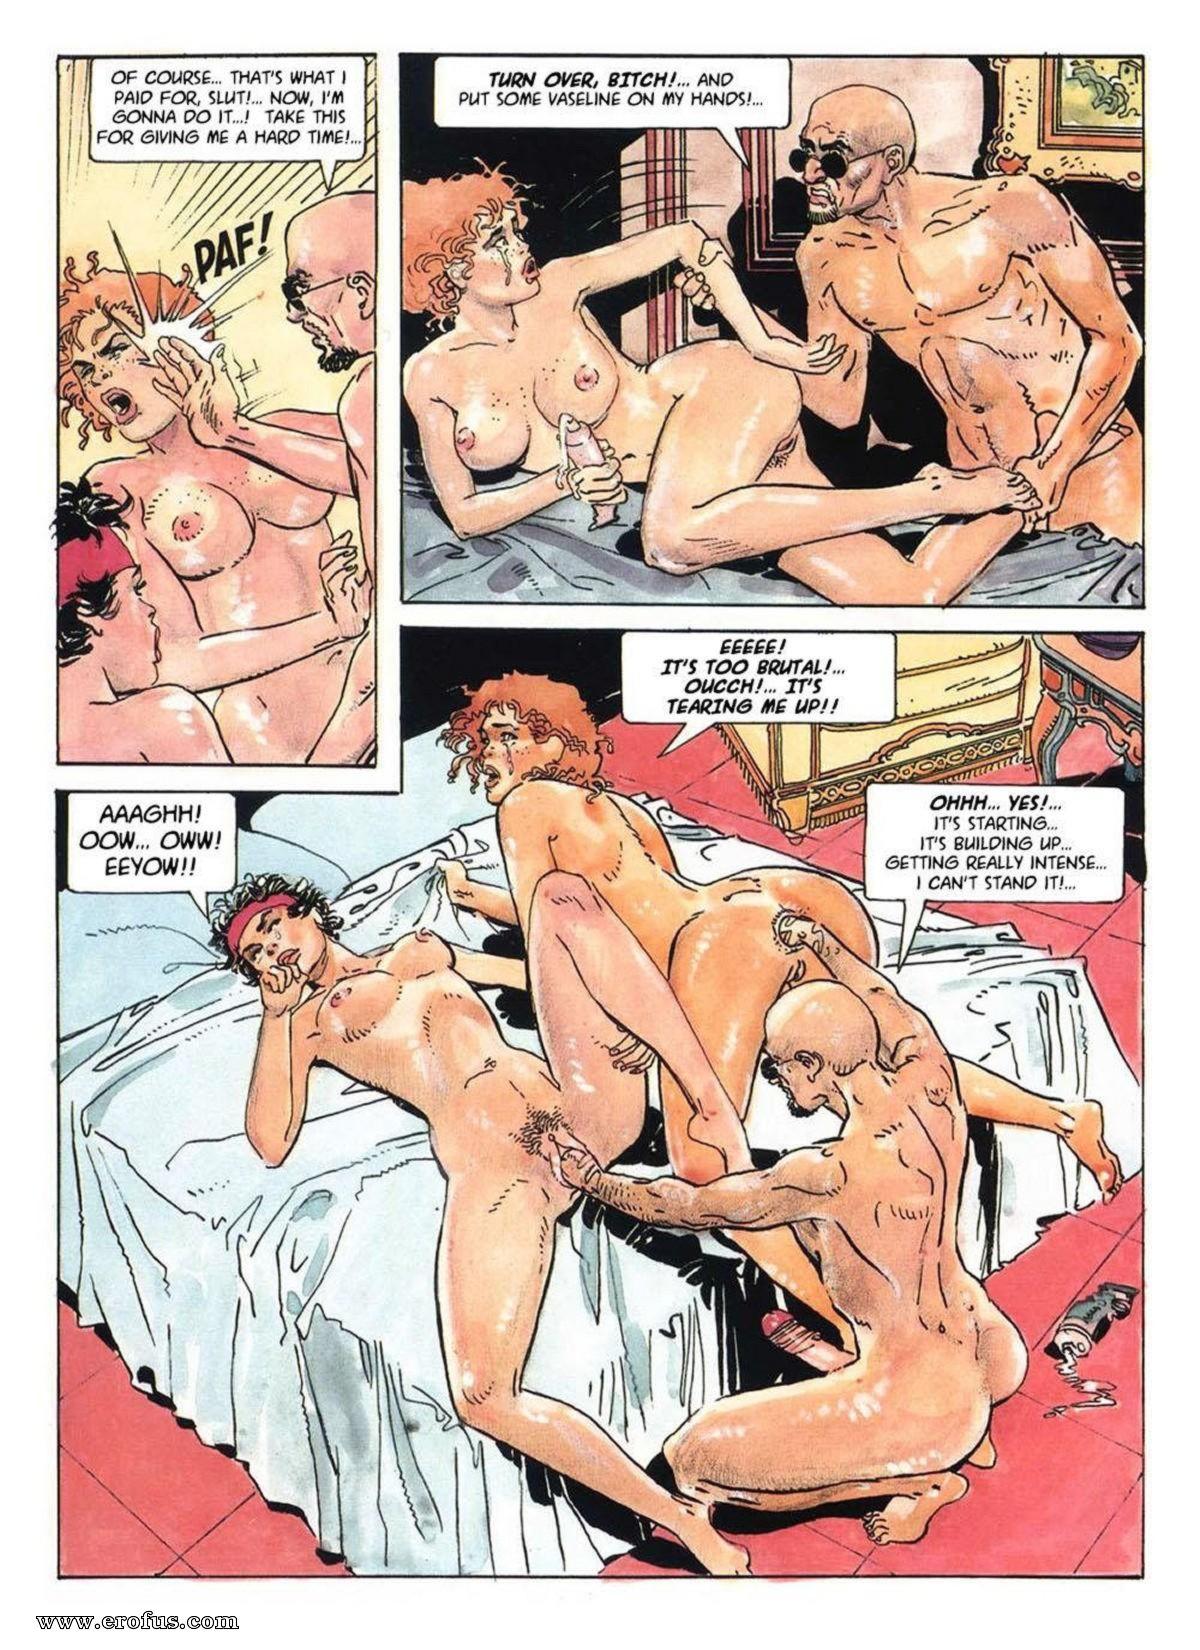 Порно Комиксы Скачать Торрент